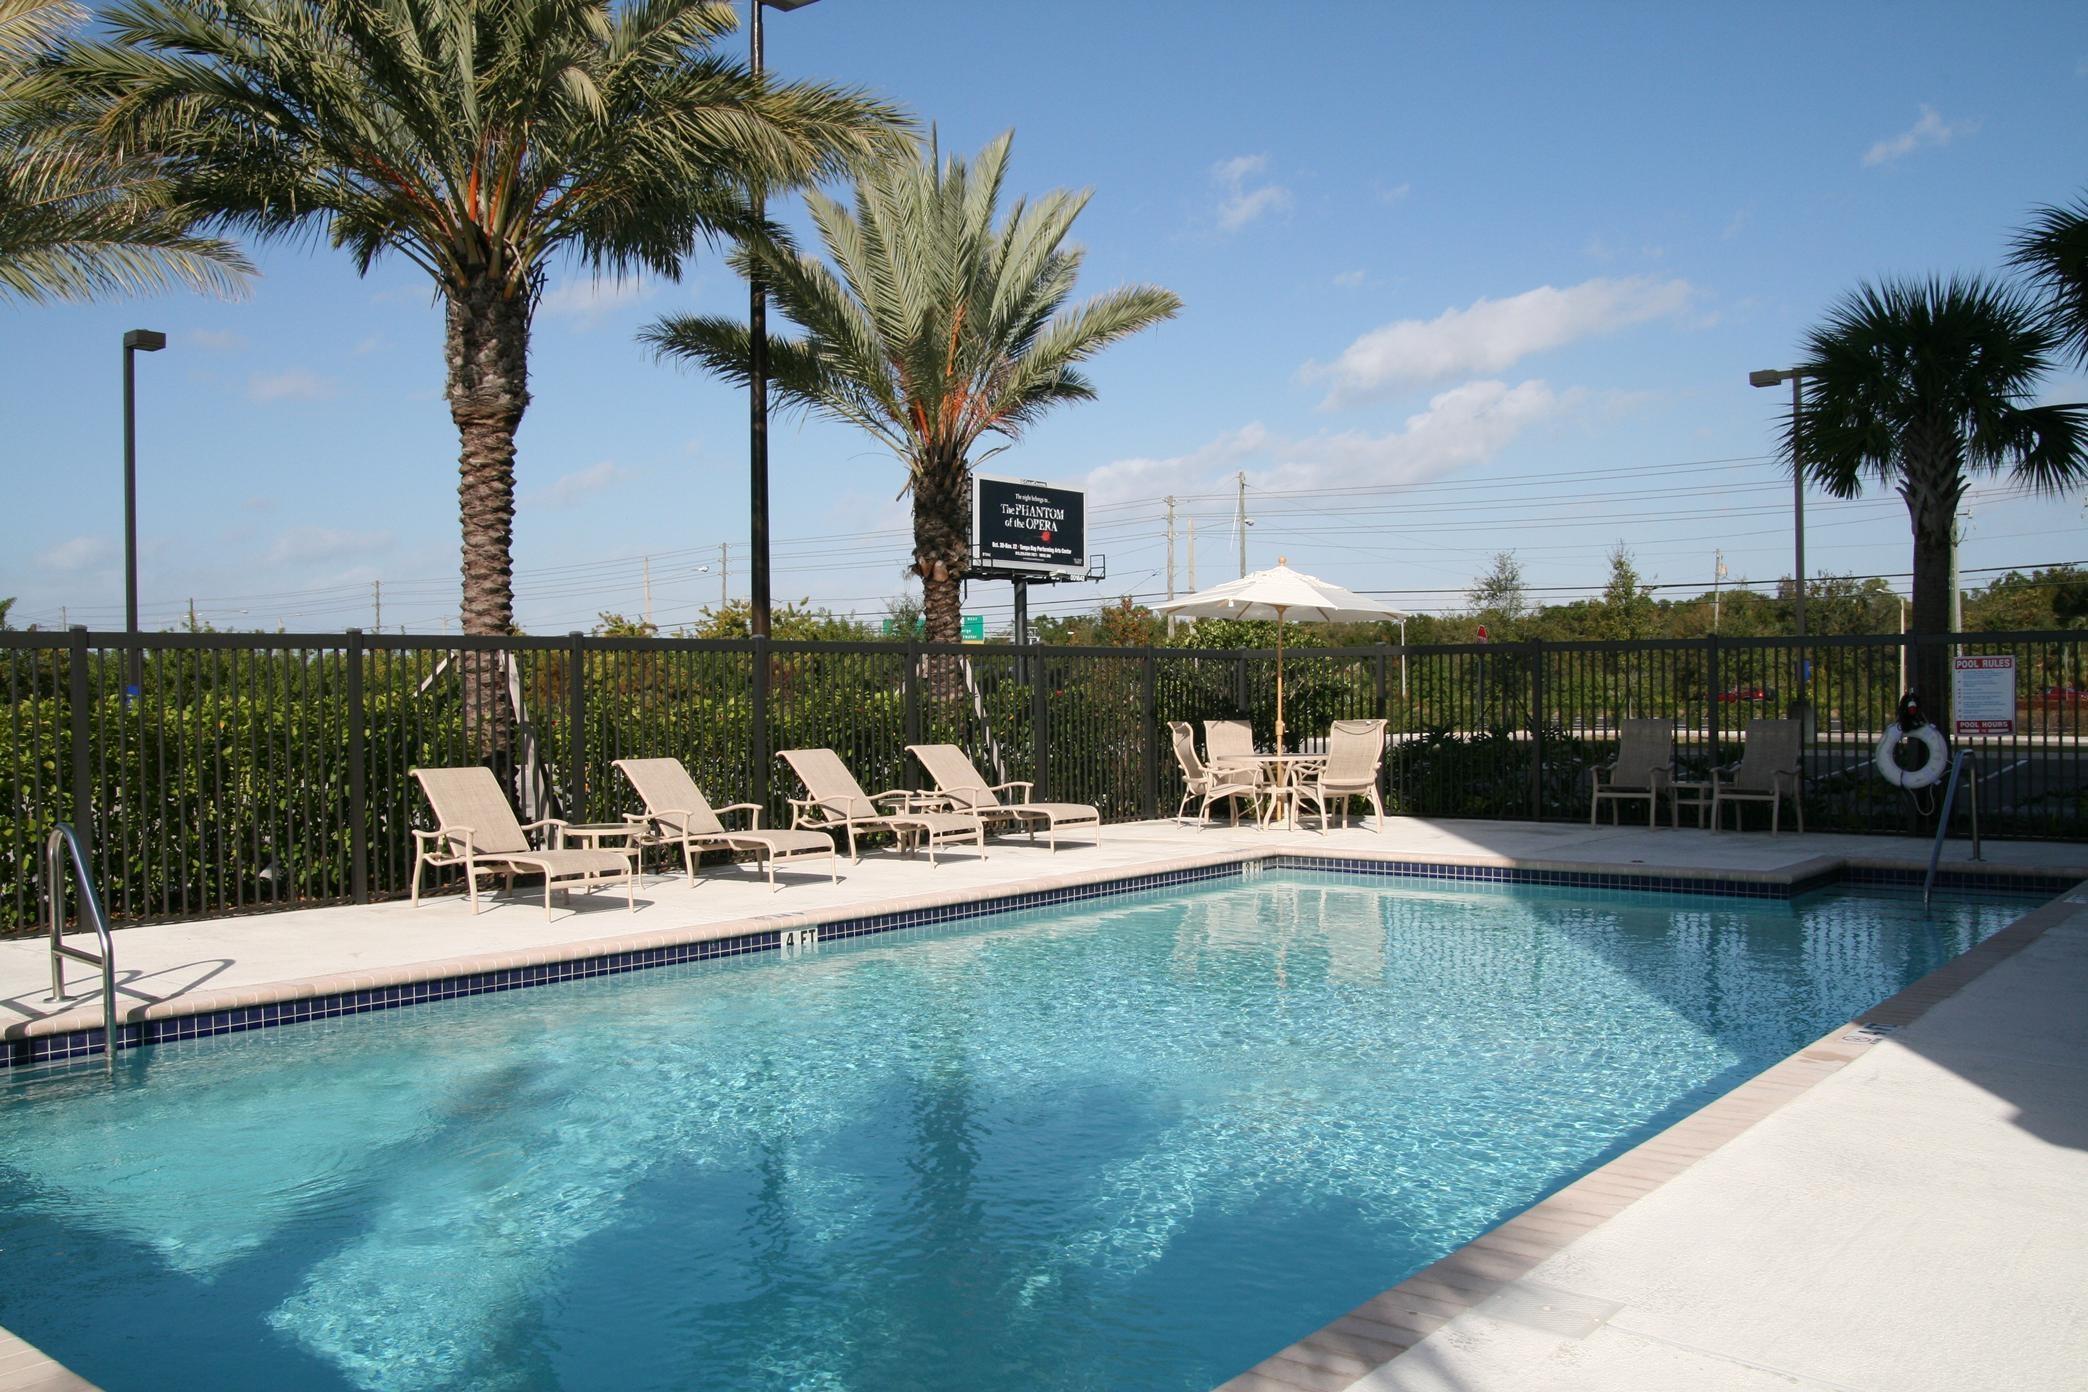 Hampton Inn & Suites Clearwater/St. Petersburg-Ulmerton Road, FL image 5